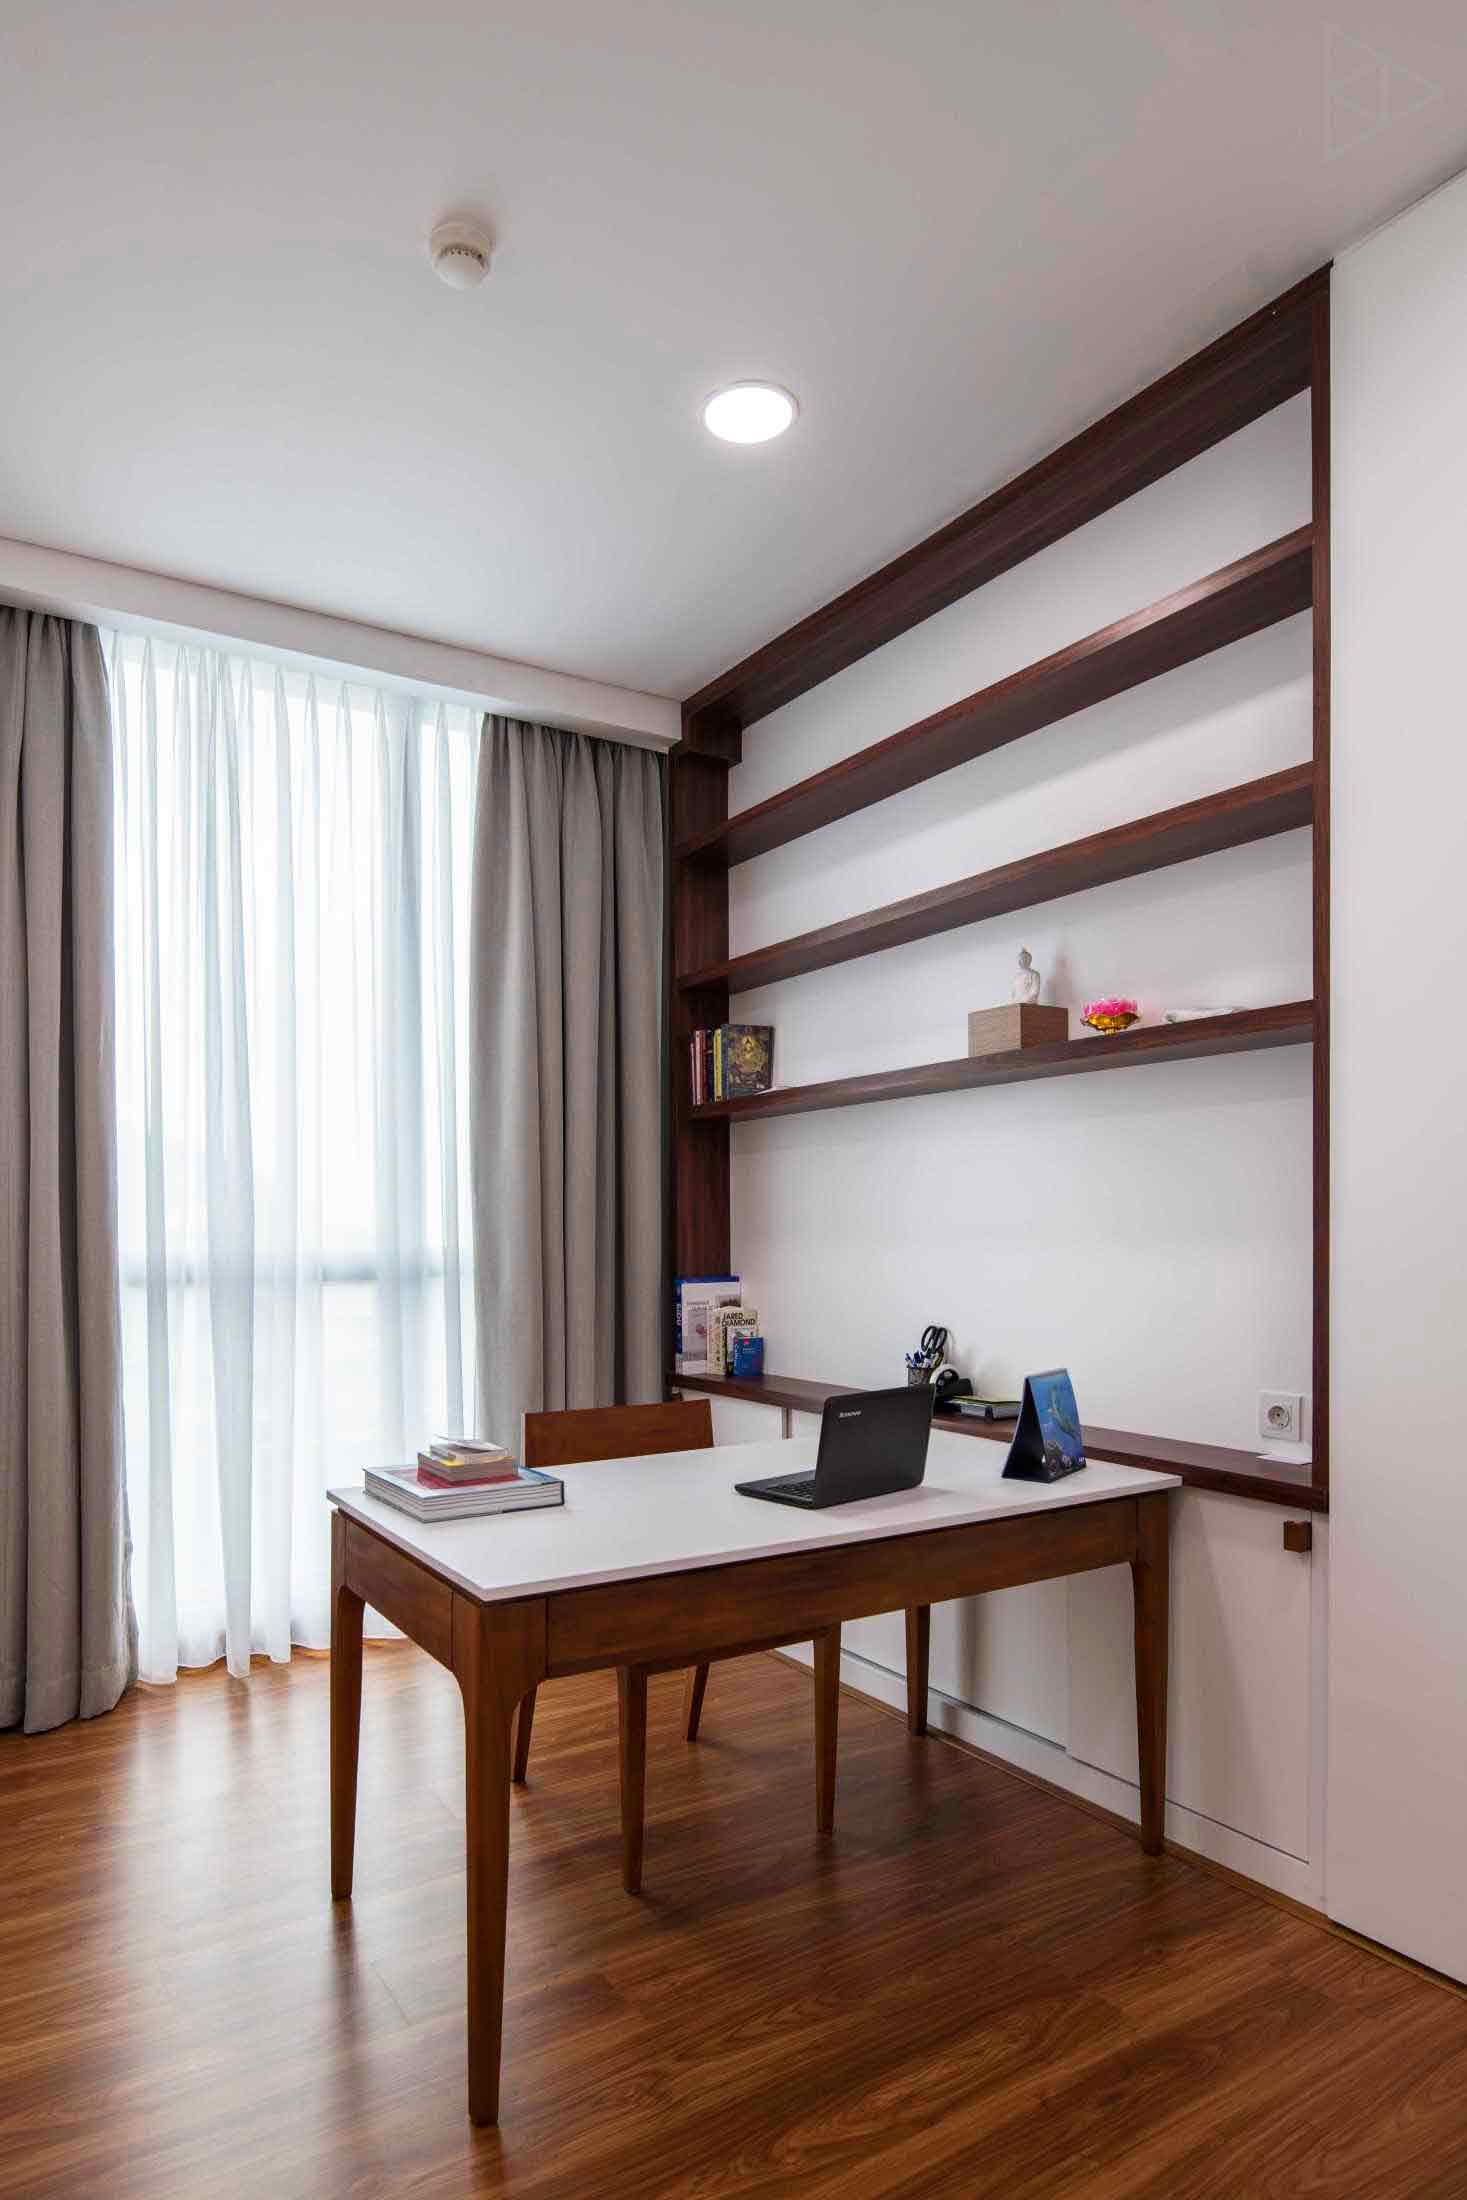 Meja kerja dengan kaki yang ramping dan rak buku built-in sebagai strategi pemanfaatan ruang yang terbatas, karya TIES Design & Build, via arsitag.com